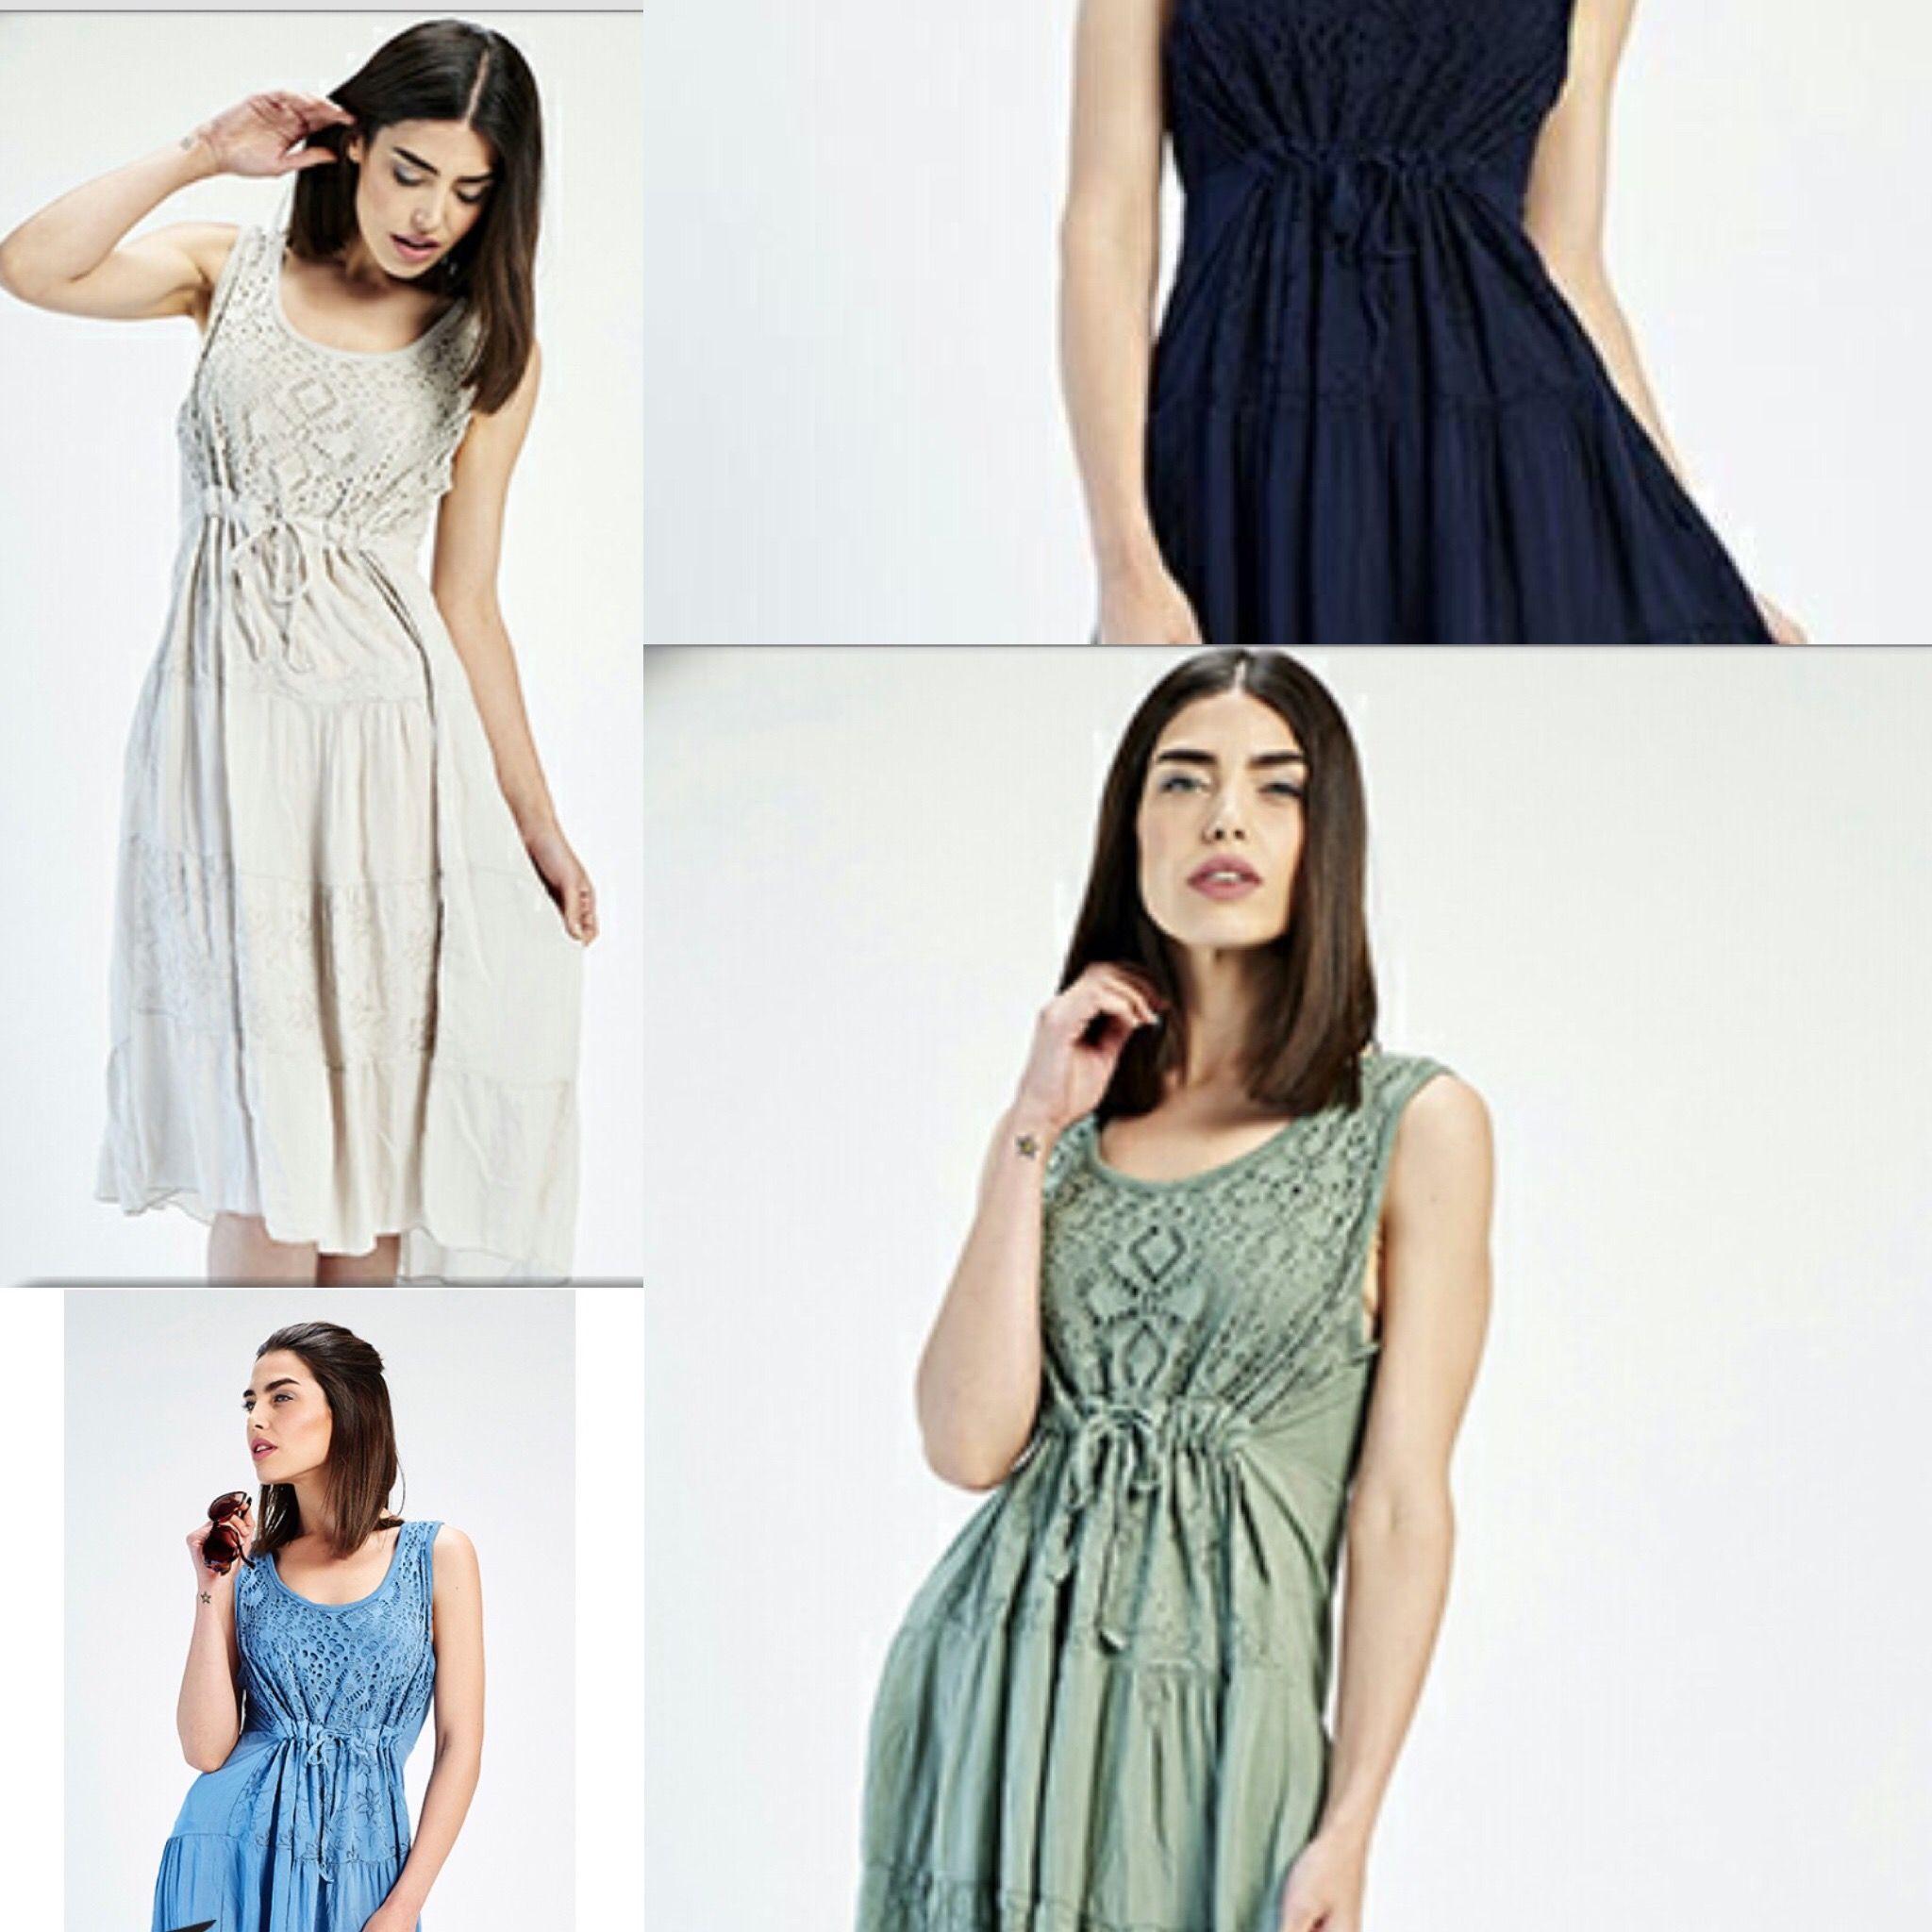 llevando el 'verano y lleva la moda !!! HTTP://1fashionglobal.net/Lberafree/tienda